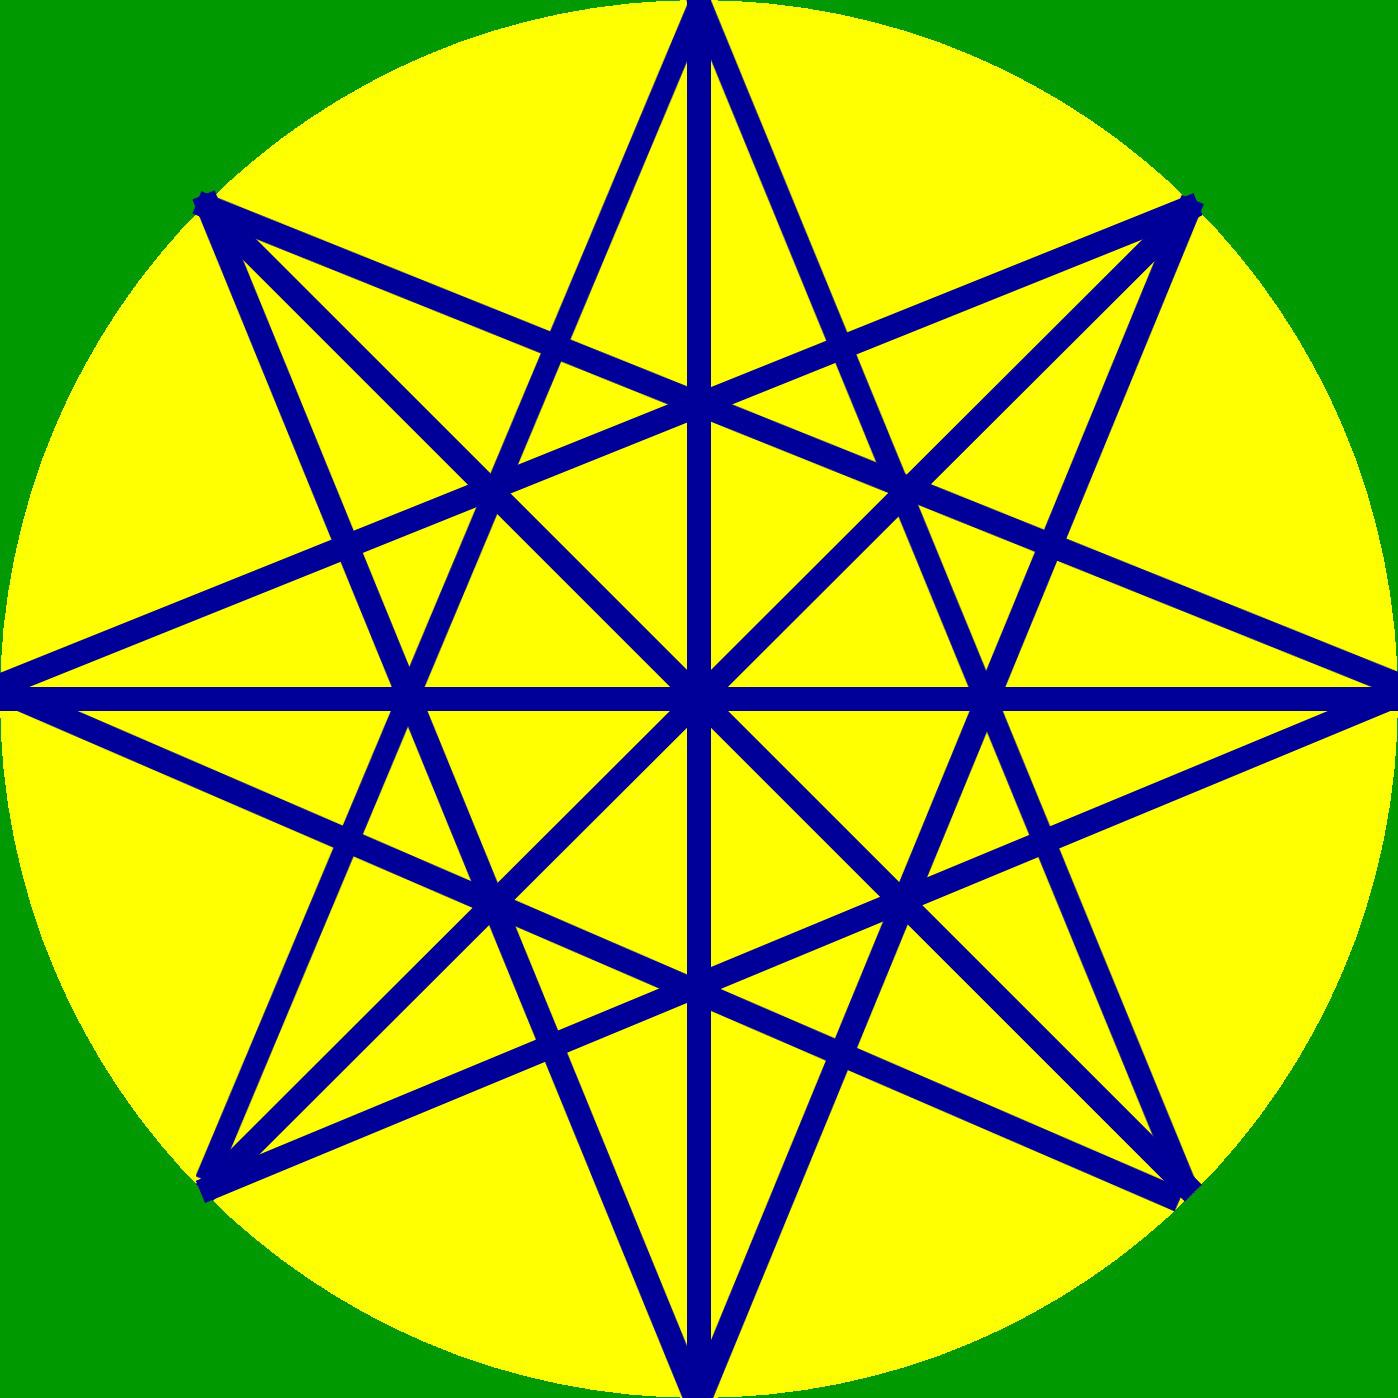 Dumnezeu-Cerul, simbol astral şi/sau floral